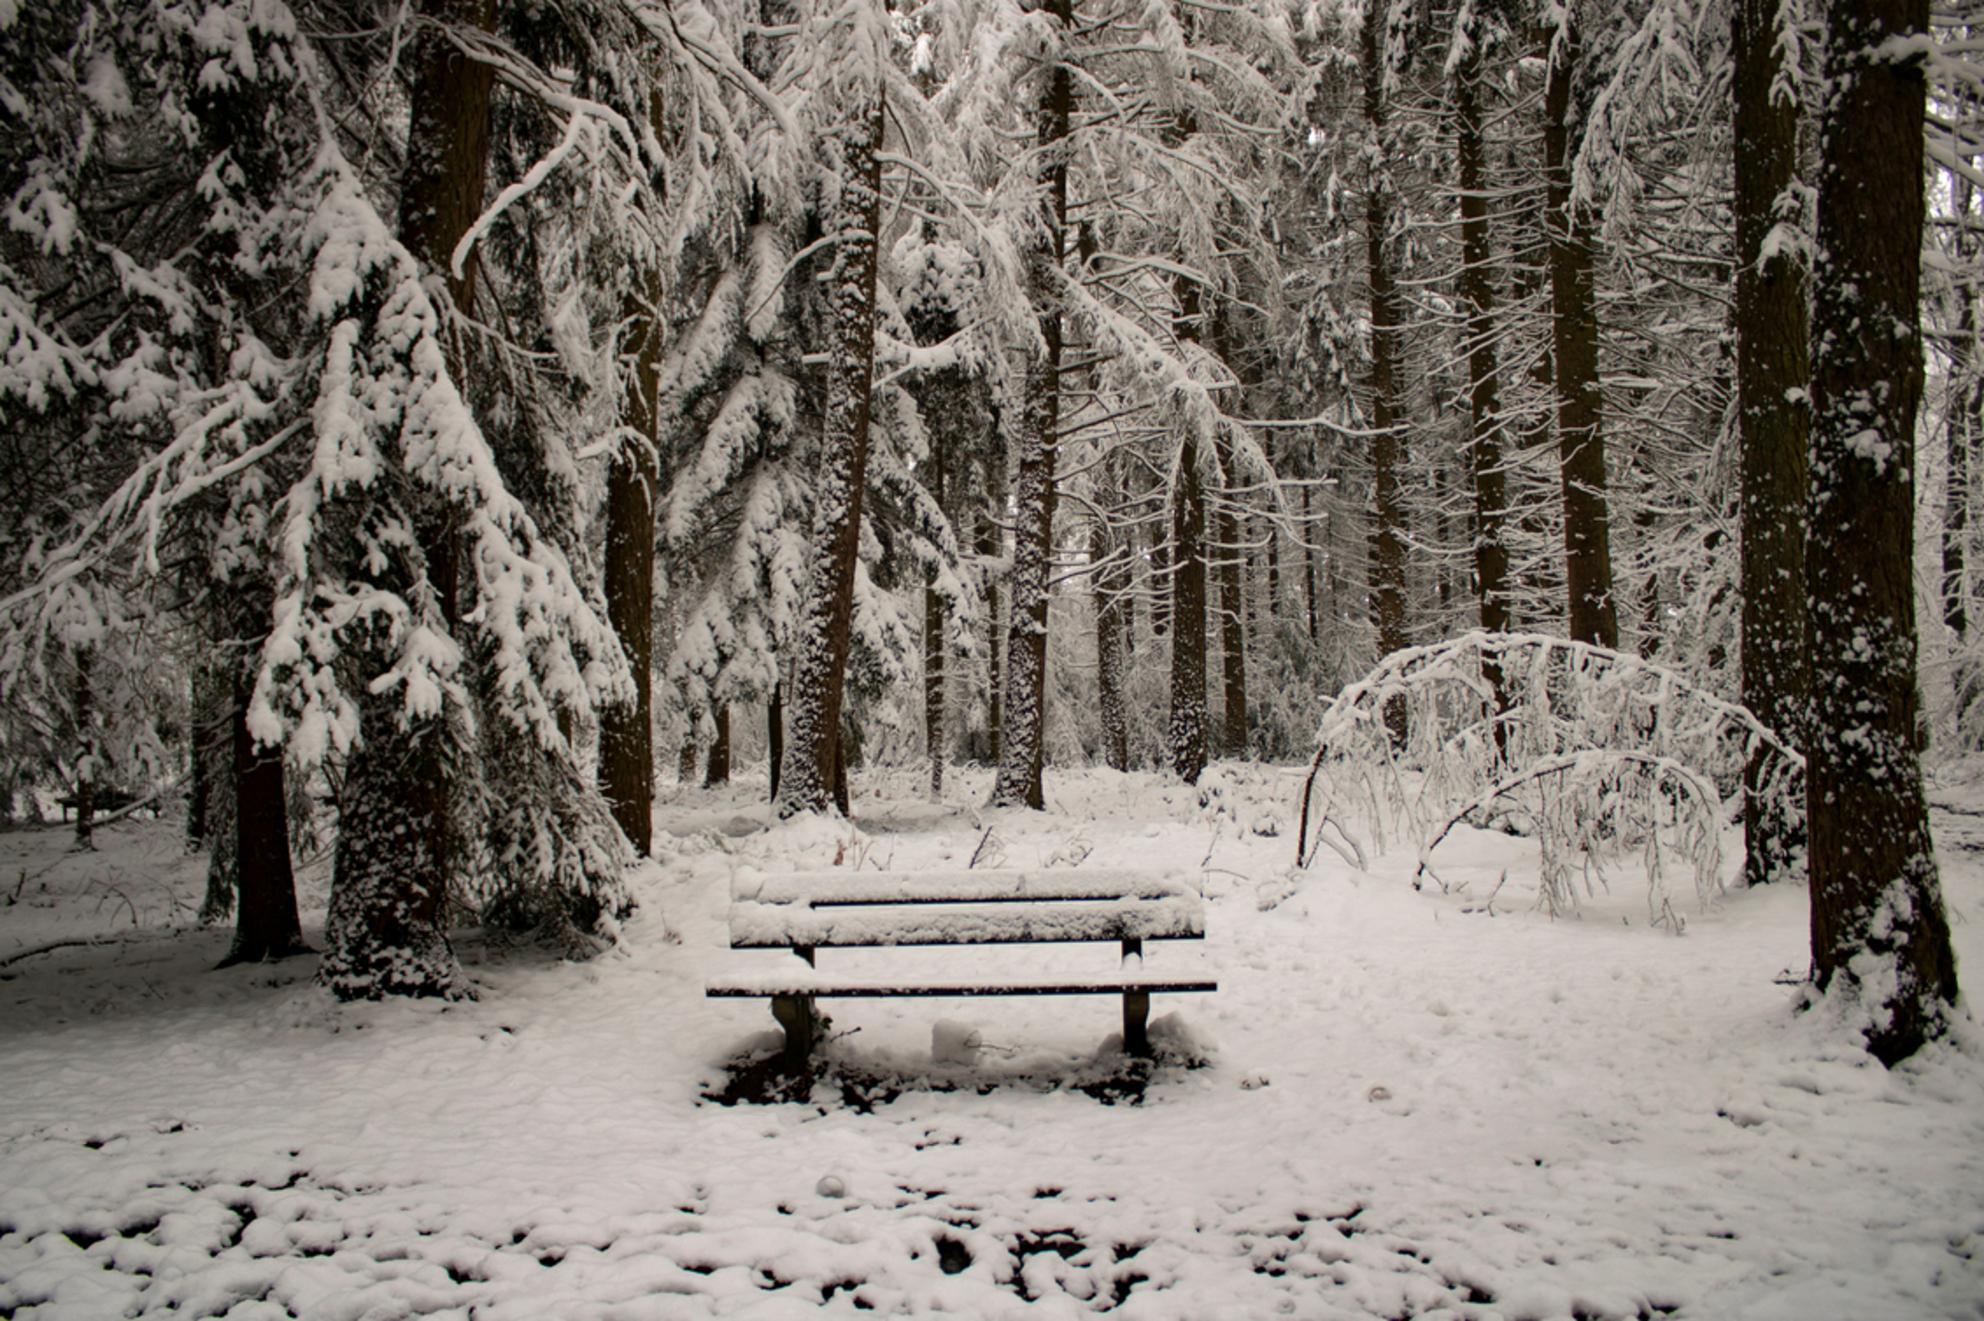 Genieten van de Winter - Hoe magisch mooi de natuur kan zijn.. Vijlenerbos, Vijlen, Zuid-Limburg. 25 Januari 2021. - foto door Carla34 op 30-01-2021 - deze foto bevat: boom, natuur, ochtend, sneeuw, winter, landschap, bos, nederland, bankje, vijlen, vijlenerbos, zuid-limburg